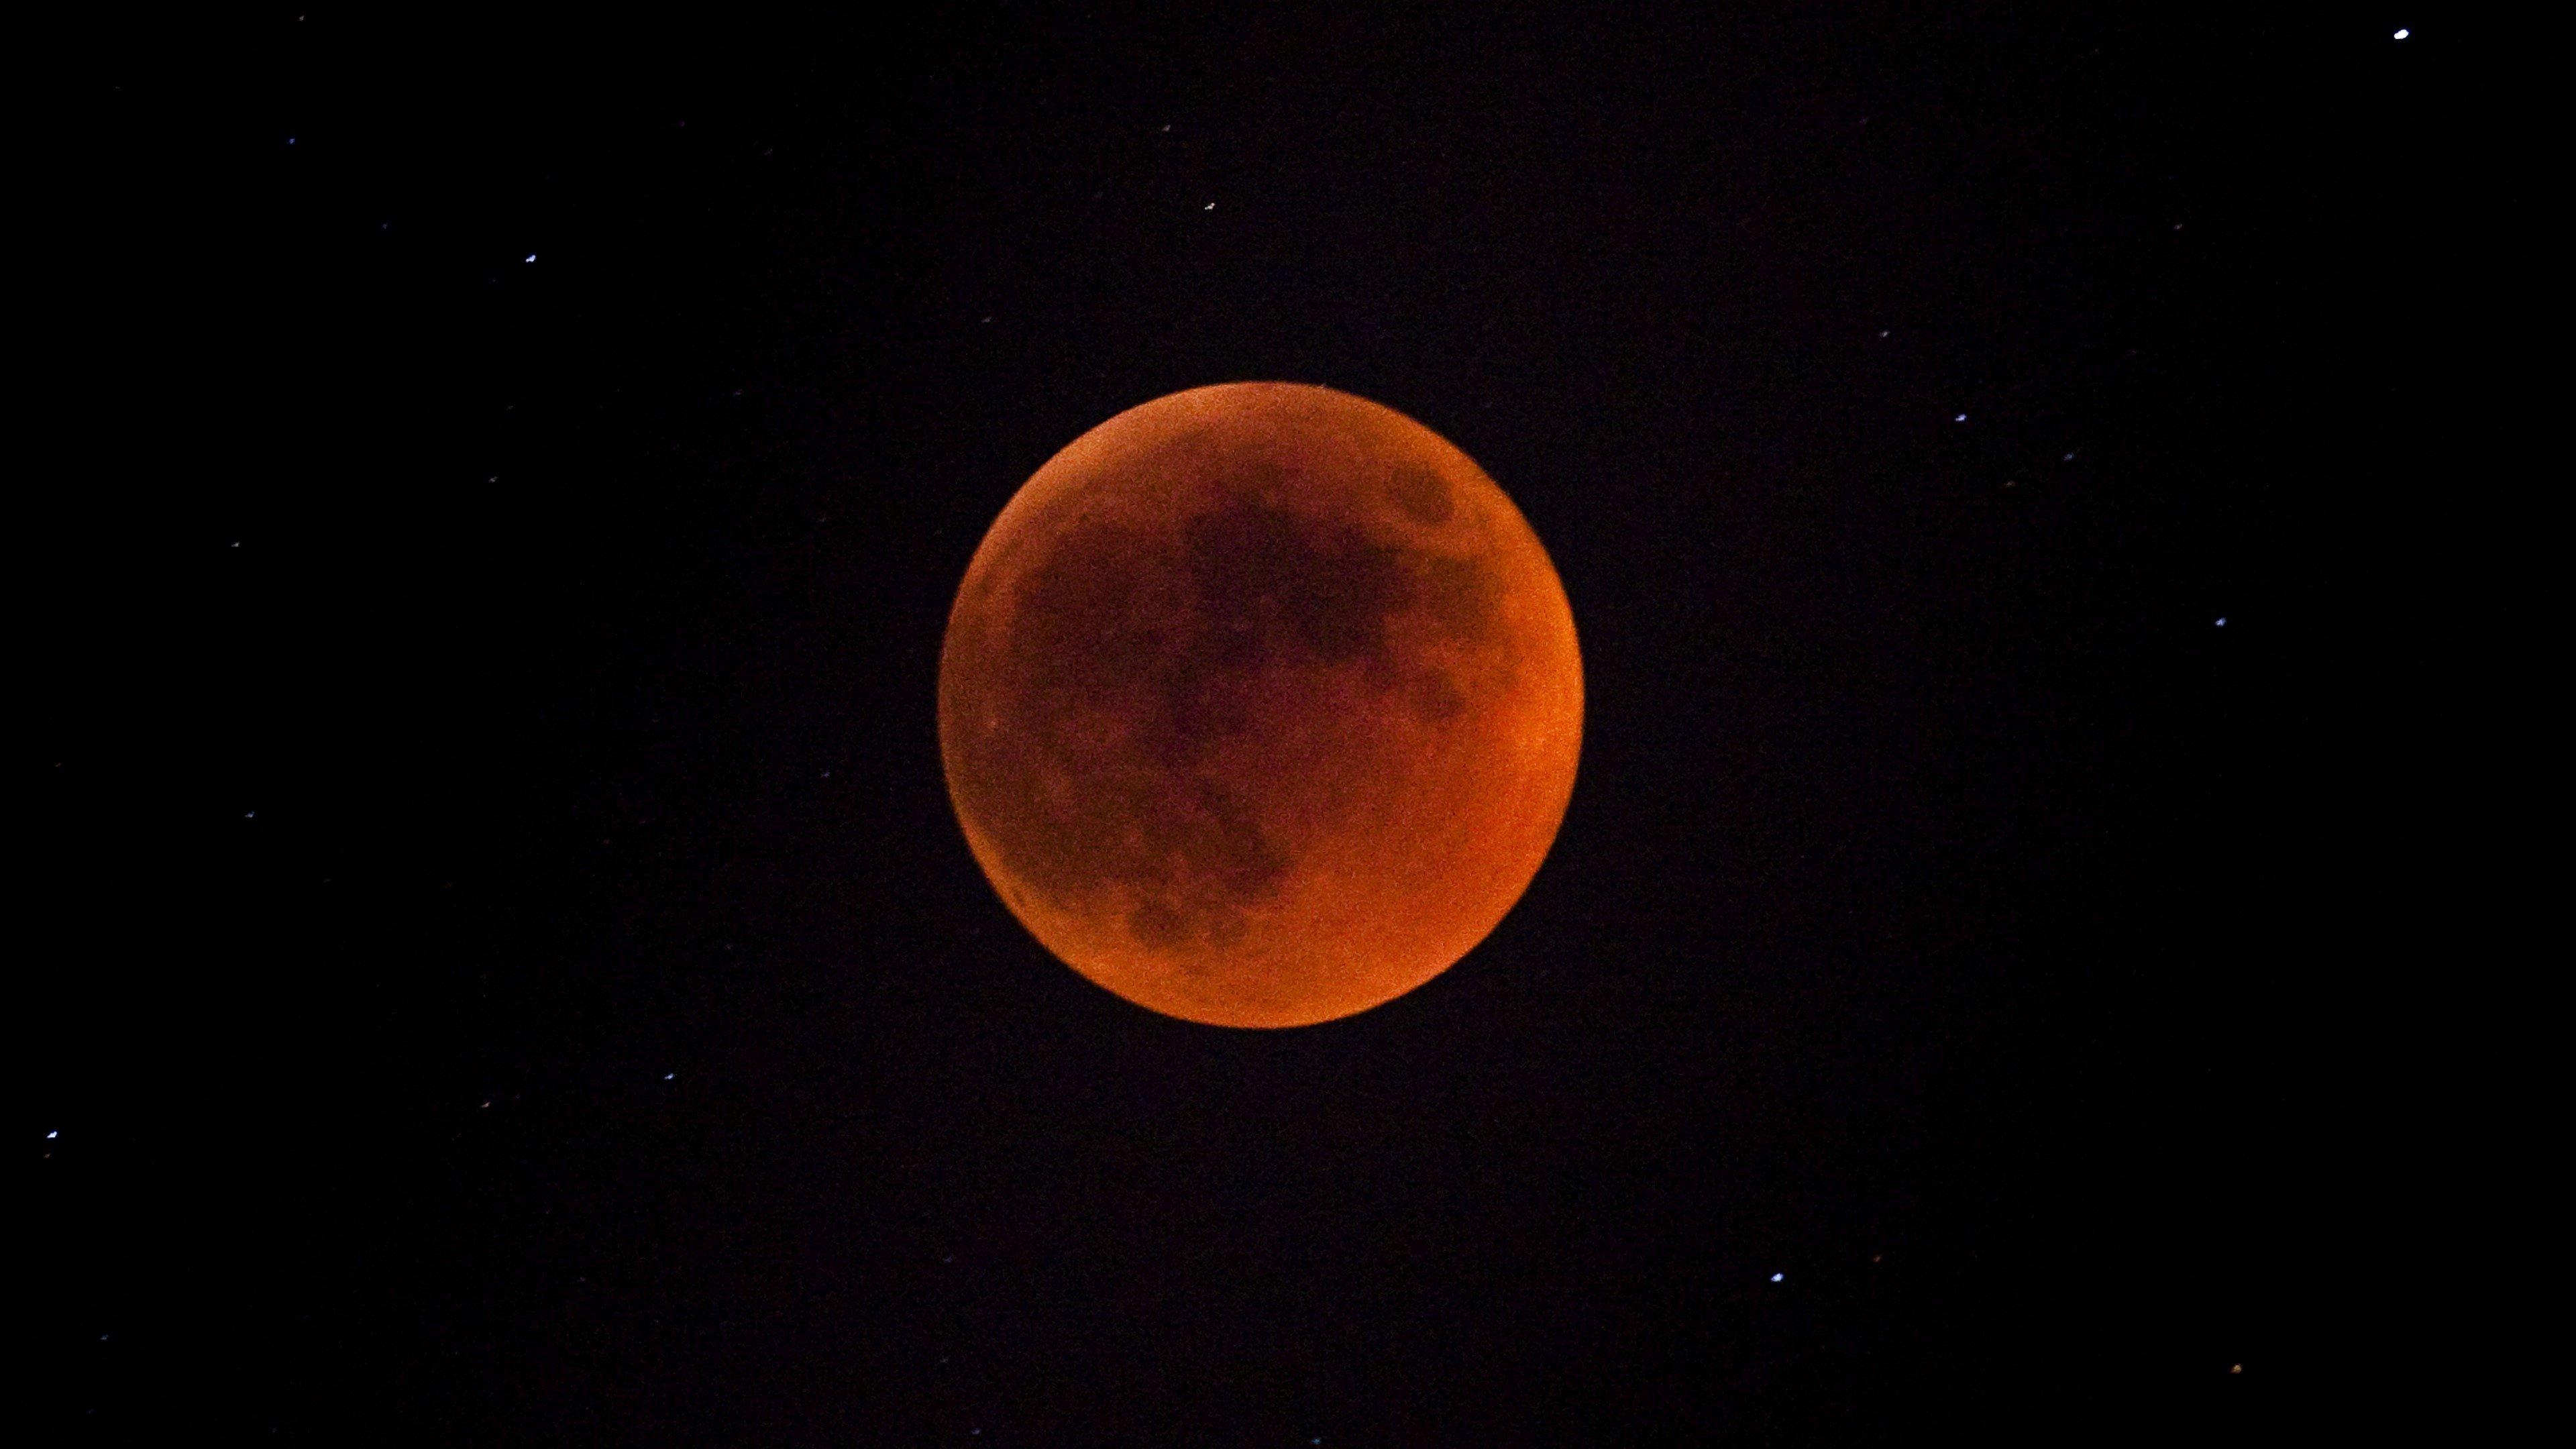 Fondos de pantalla Eclipse lunar